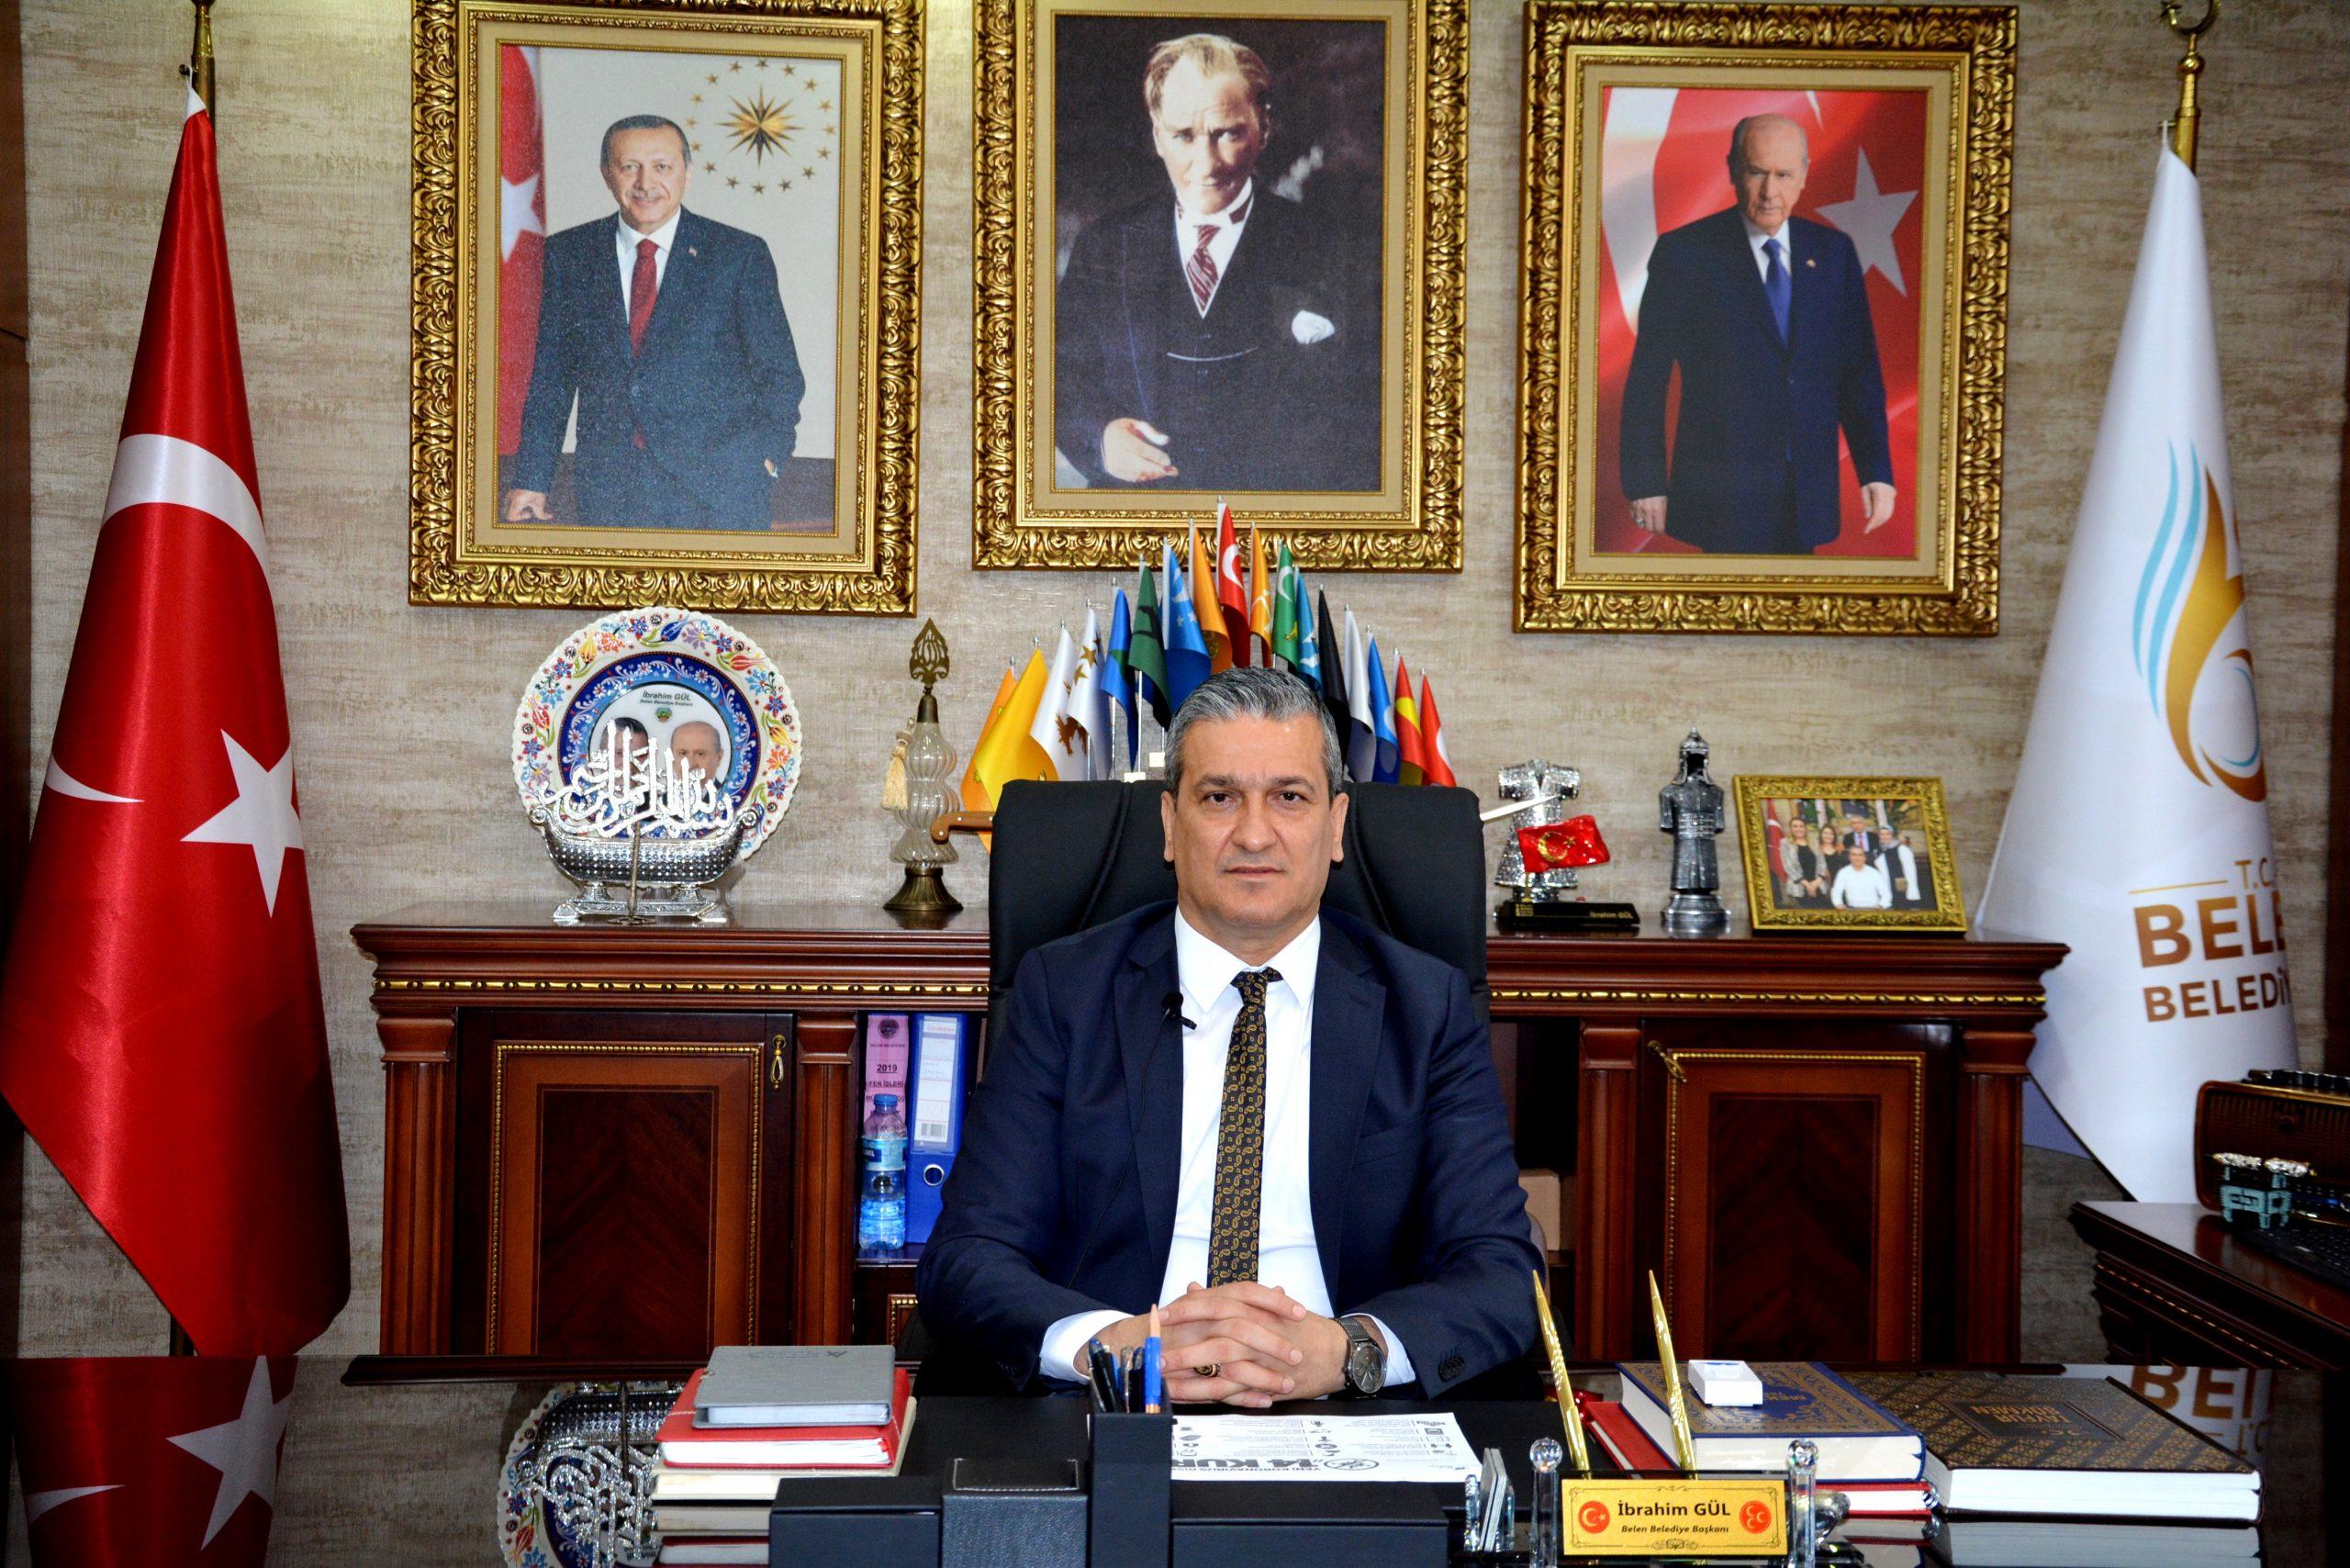 Belen Belediye Başkanı İbrahim Gül; Lütfen Dikkatli Olalım.